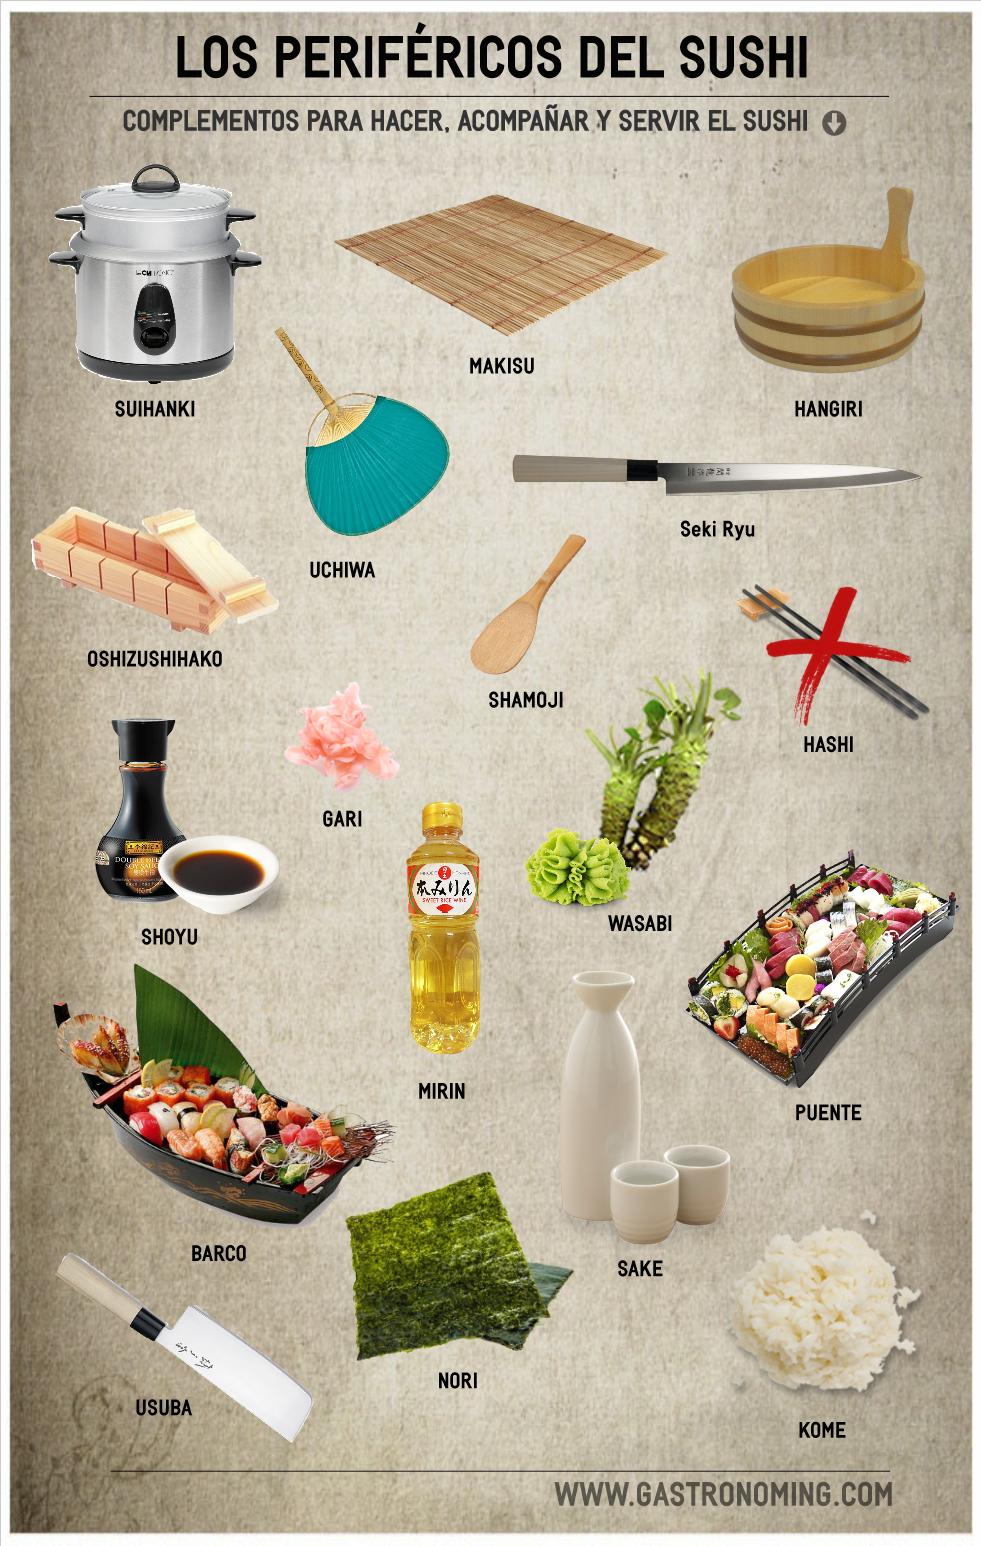 Los periféricos del sushi